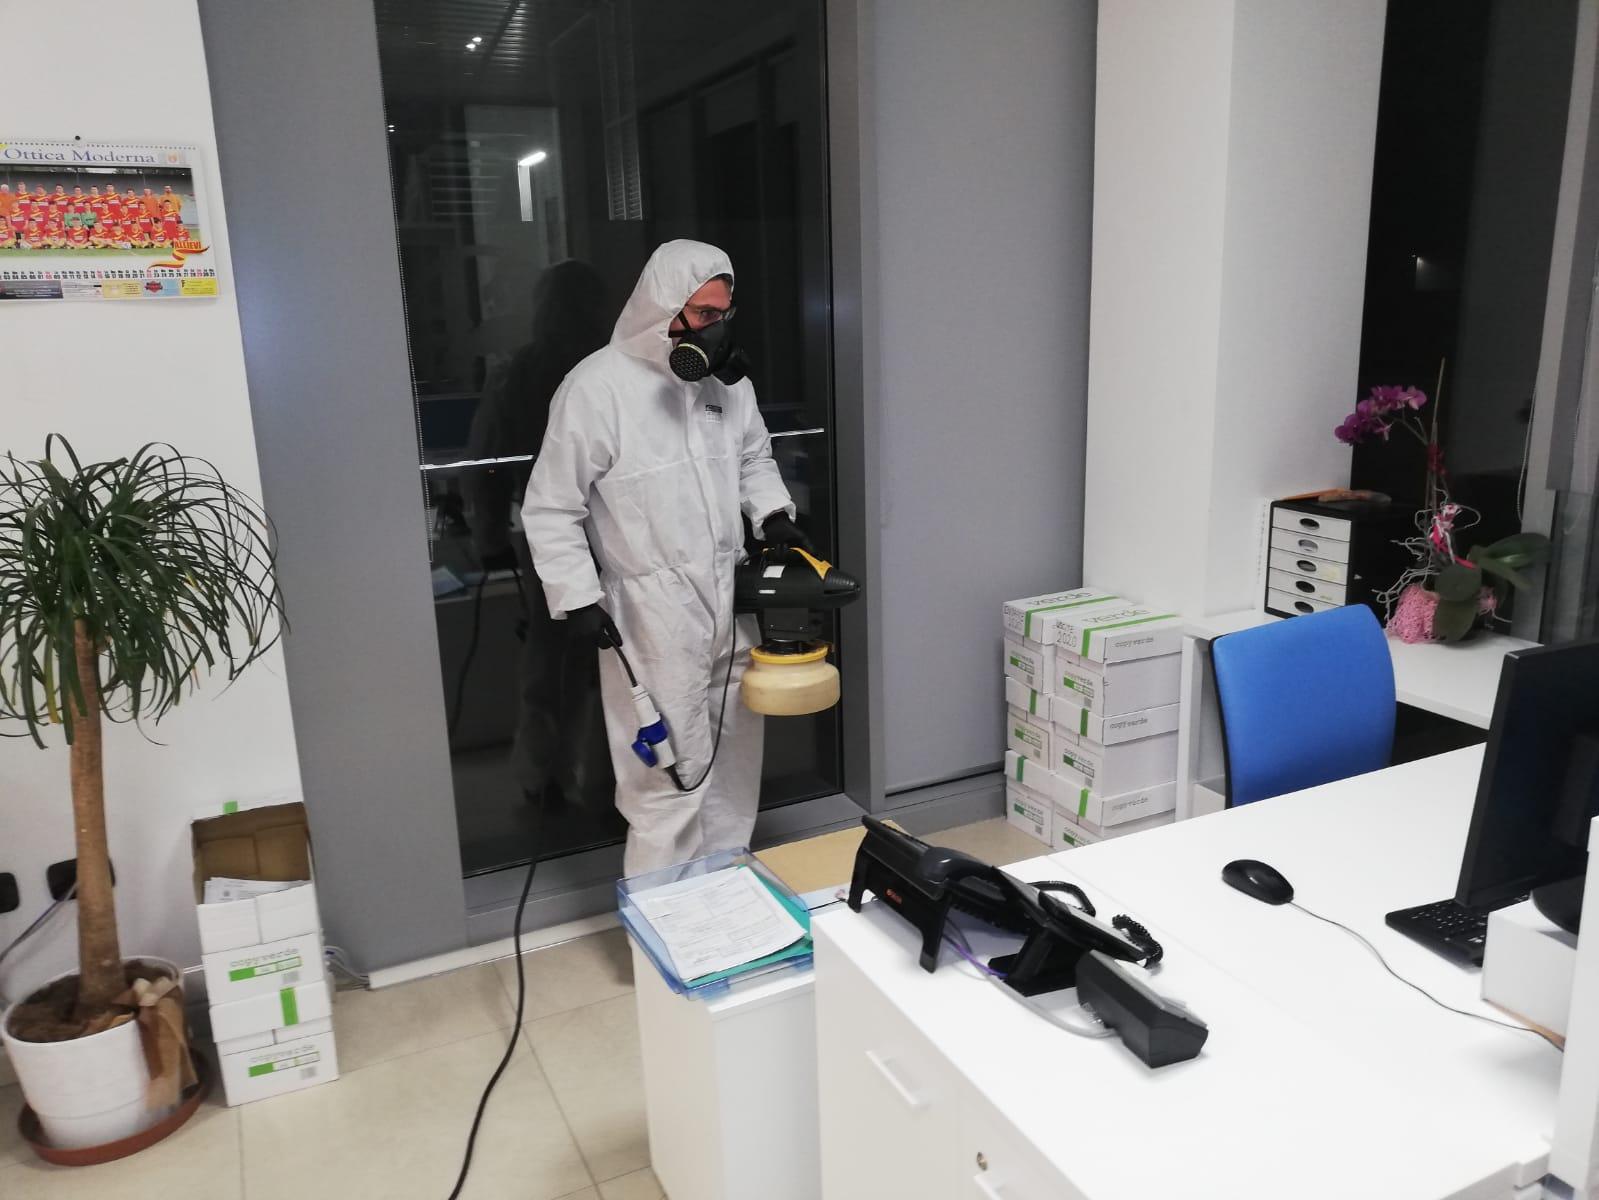 servizio di disinfezione coronavirus in uffici operativi